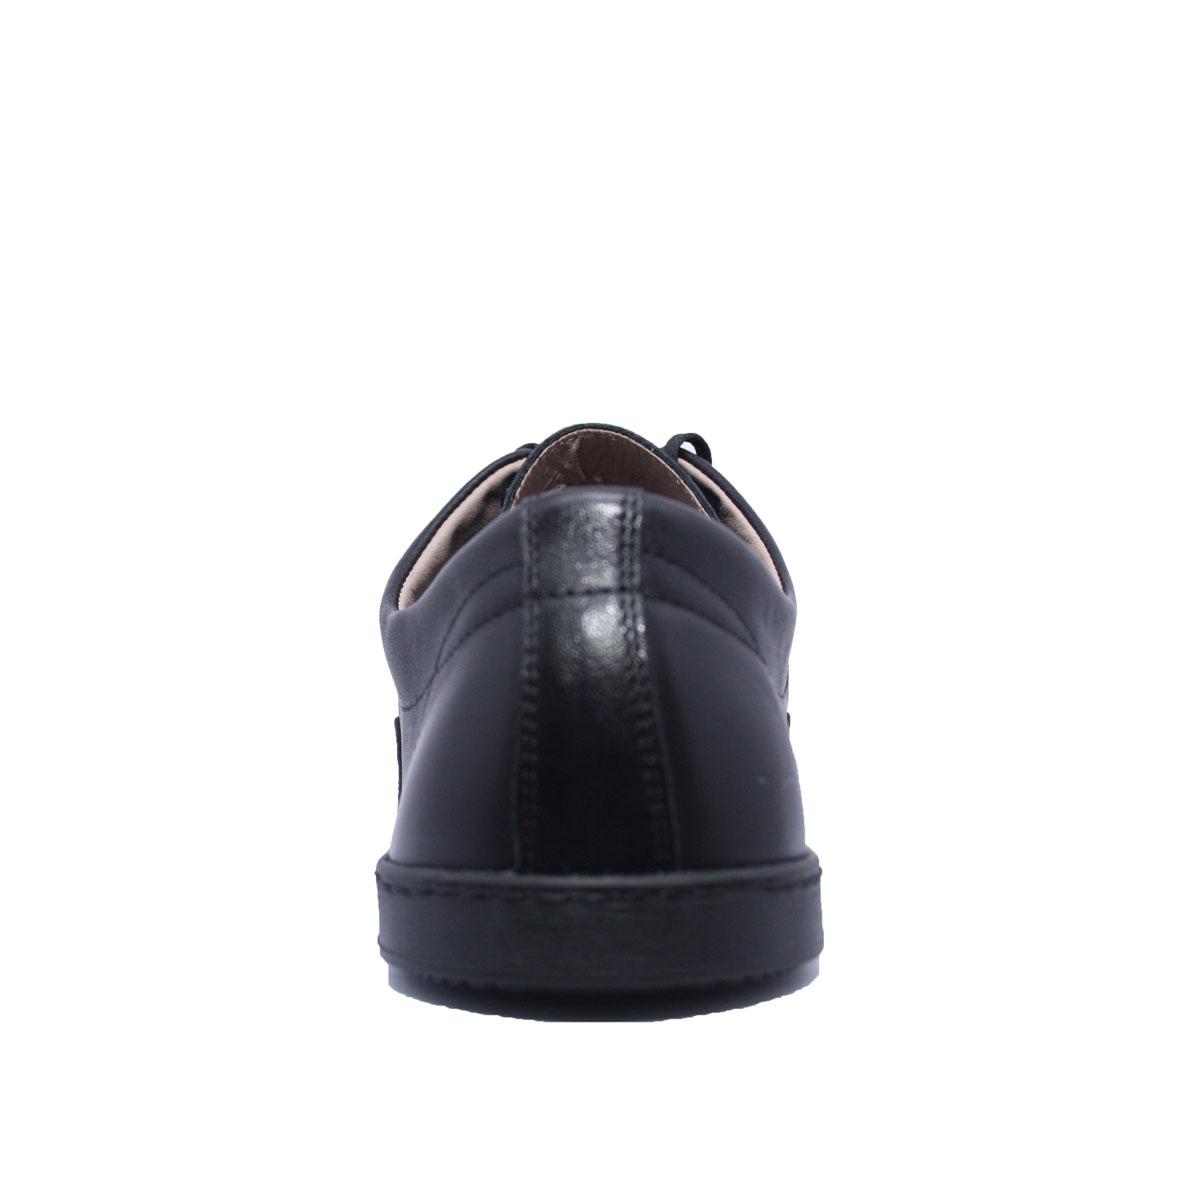 0d30b5f0a93013 Комфортні спортивні чоловічі туфлі 1028-1. loading... Наведіть курсор, щоб  збільшити